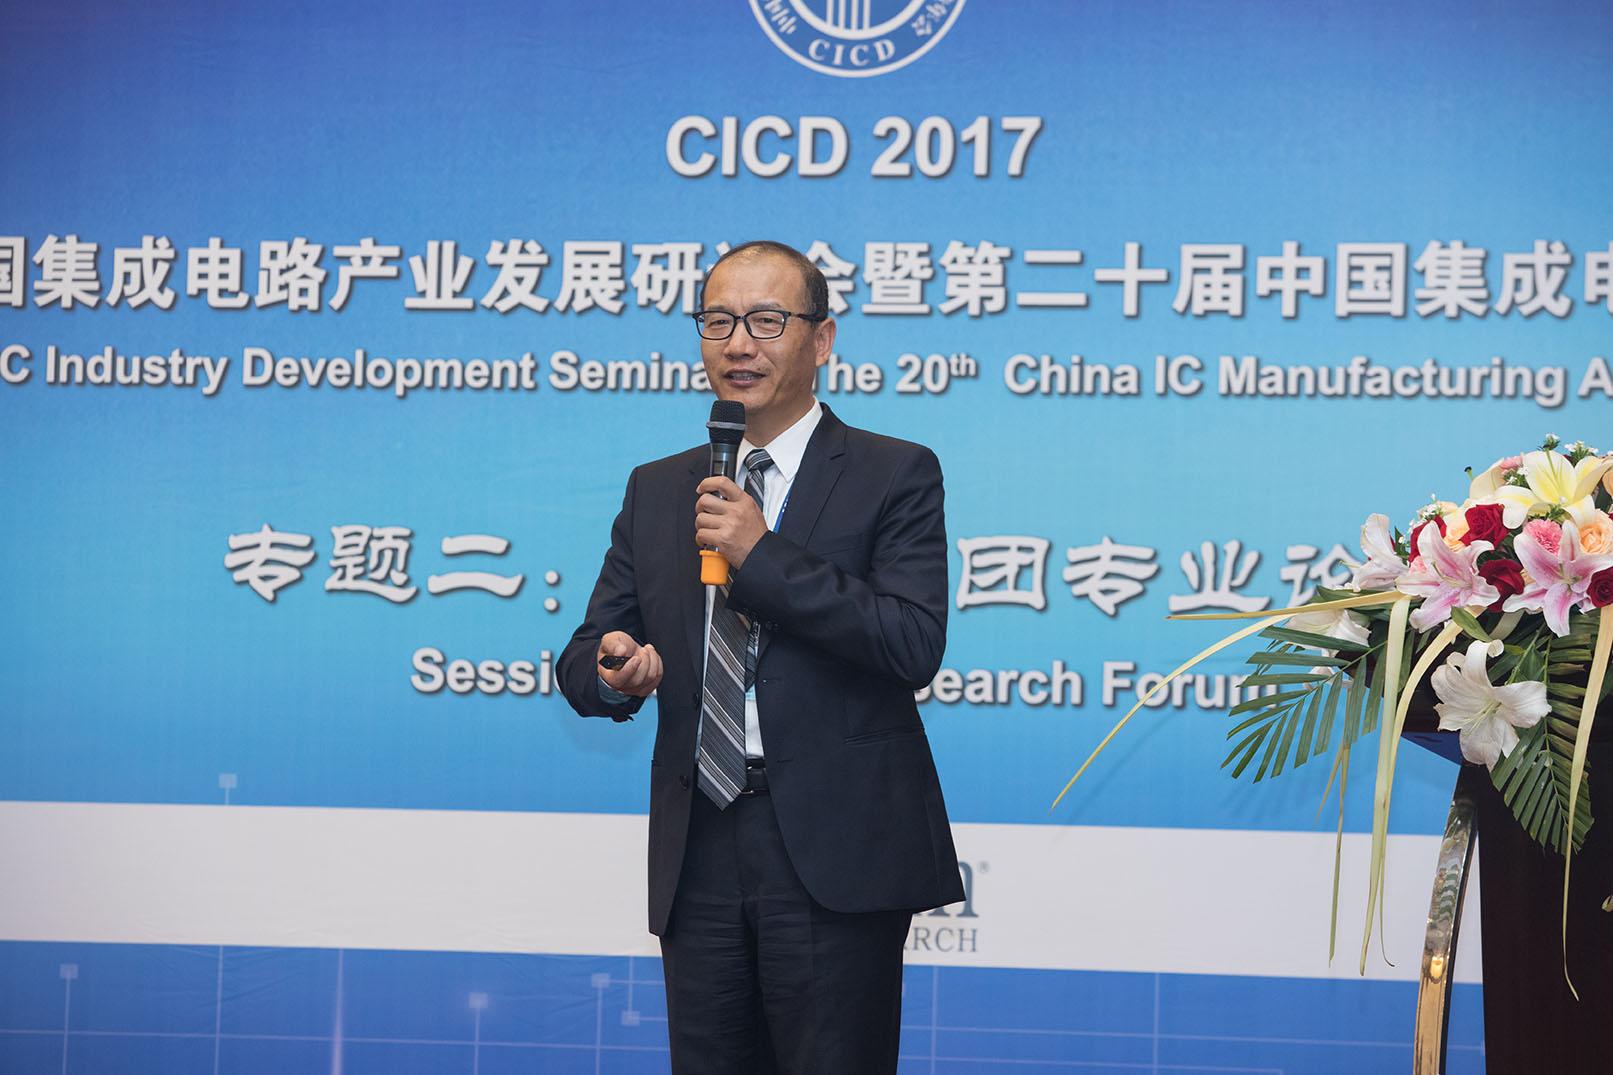 助力中国集成电路产业发展新浪潮